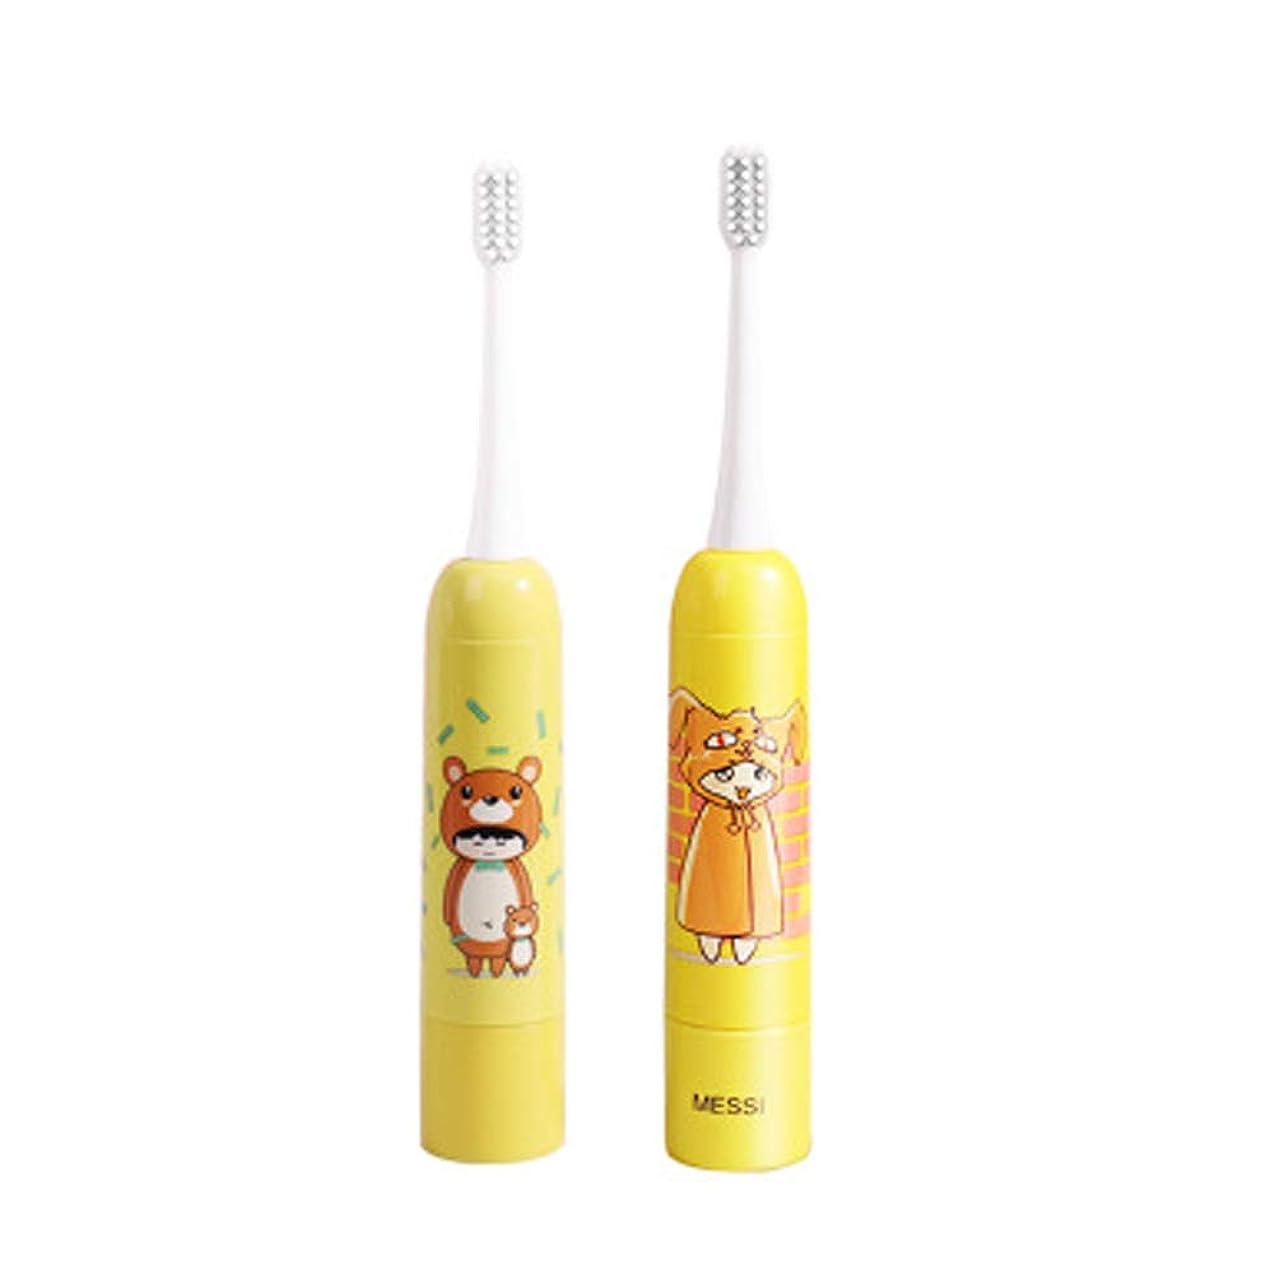 主状況水っぽいBobbyecho 電動歯ブラシ 子供 歯ブラシ ハブラシ すみずみクリーンやわらか 防水 音波歯ブラシ ブラシ こども用 ソニック電池 (女の子)